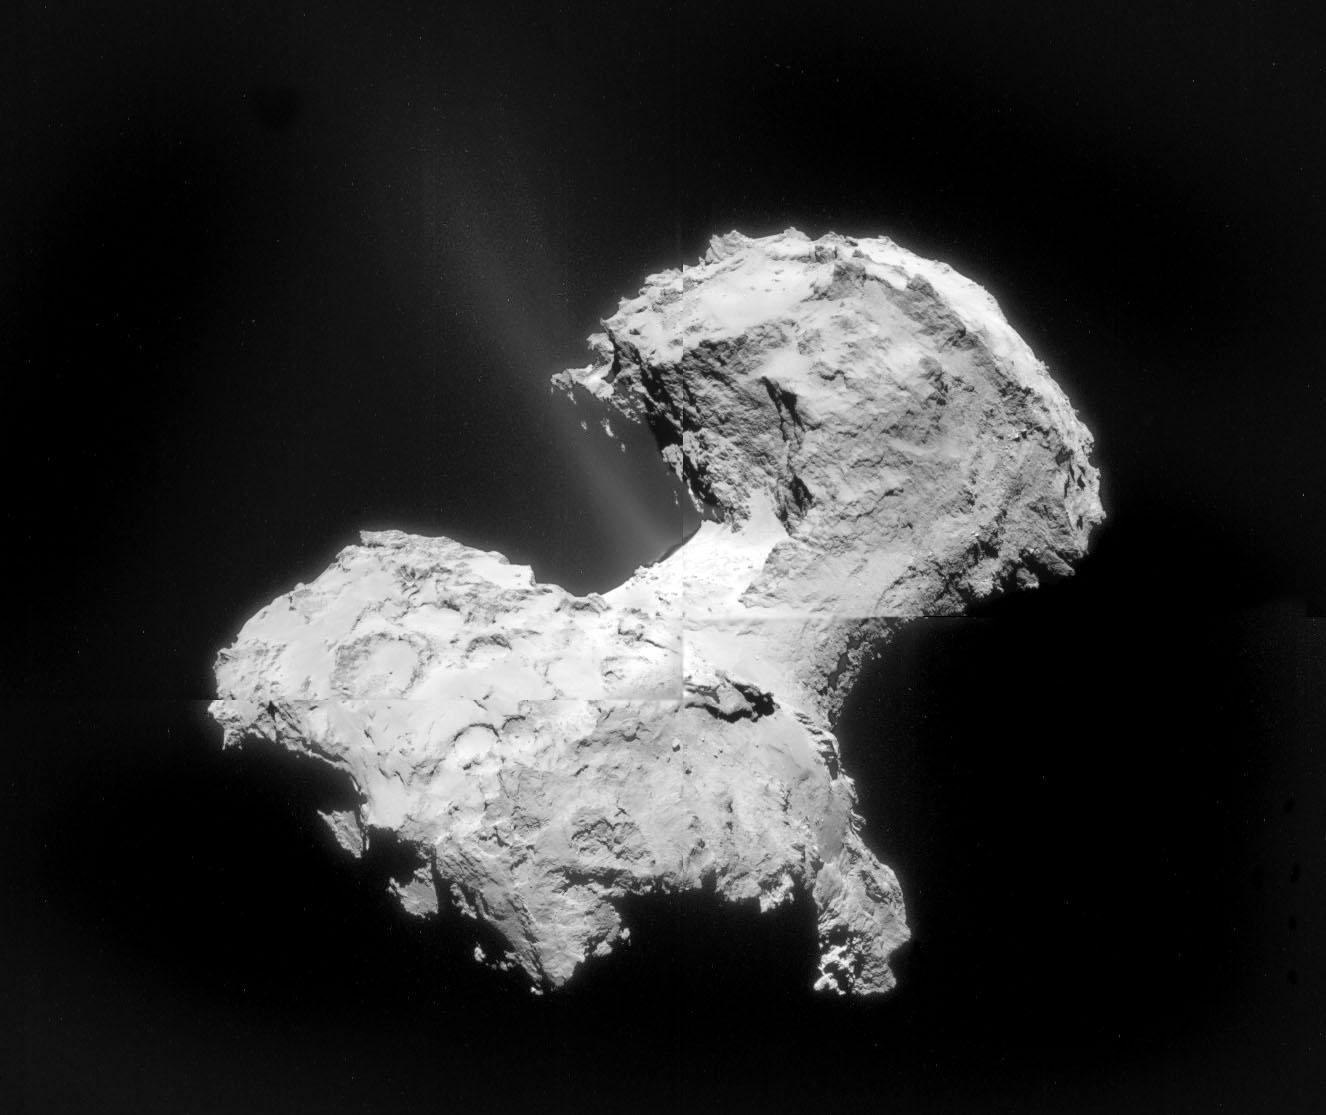 در این عکس که در 2 سپتامیر گرفته شده ، فواره و بلورهای یخ که همراه با غبار از دنباله دار به فضا پاشیده می شود، بخوبی دیده می شود.